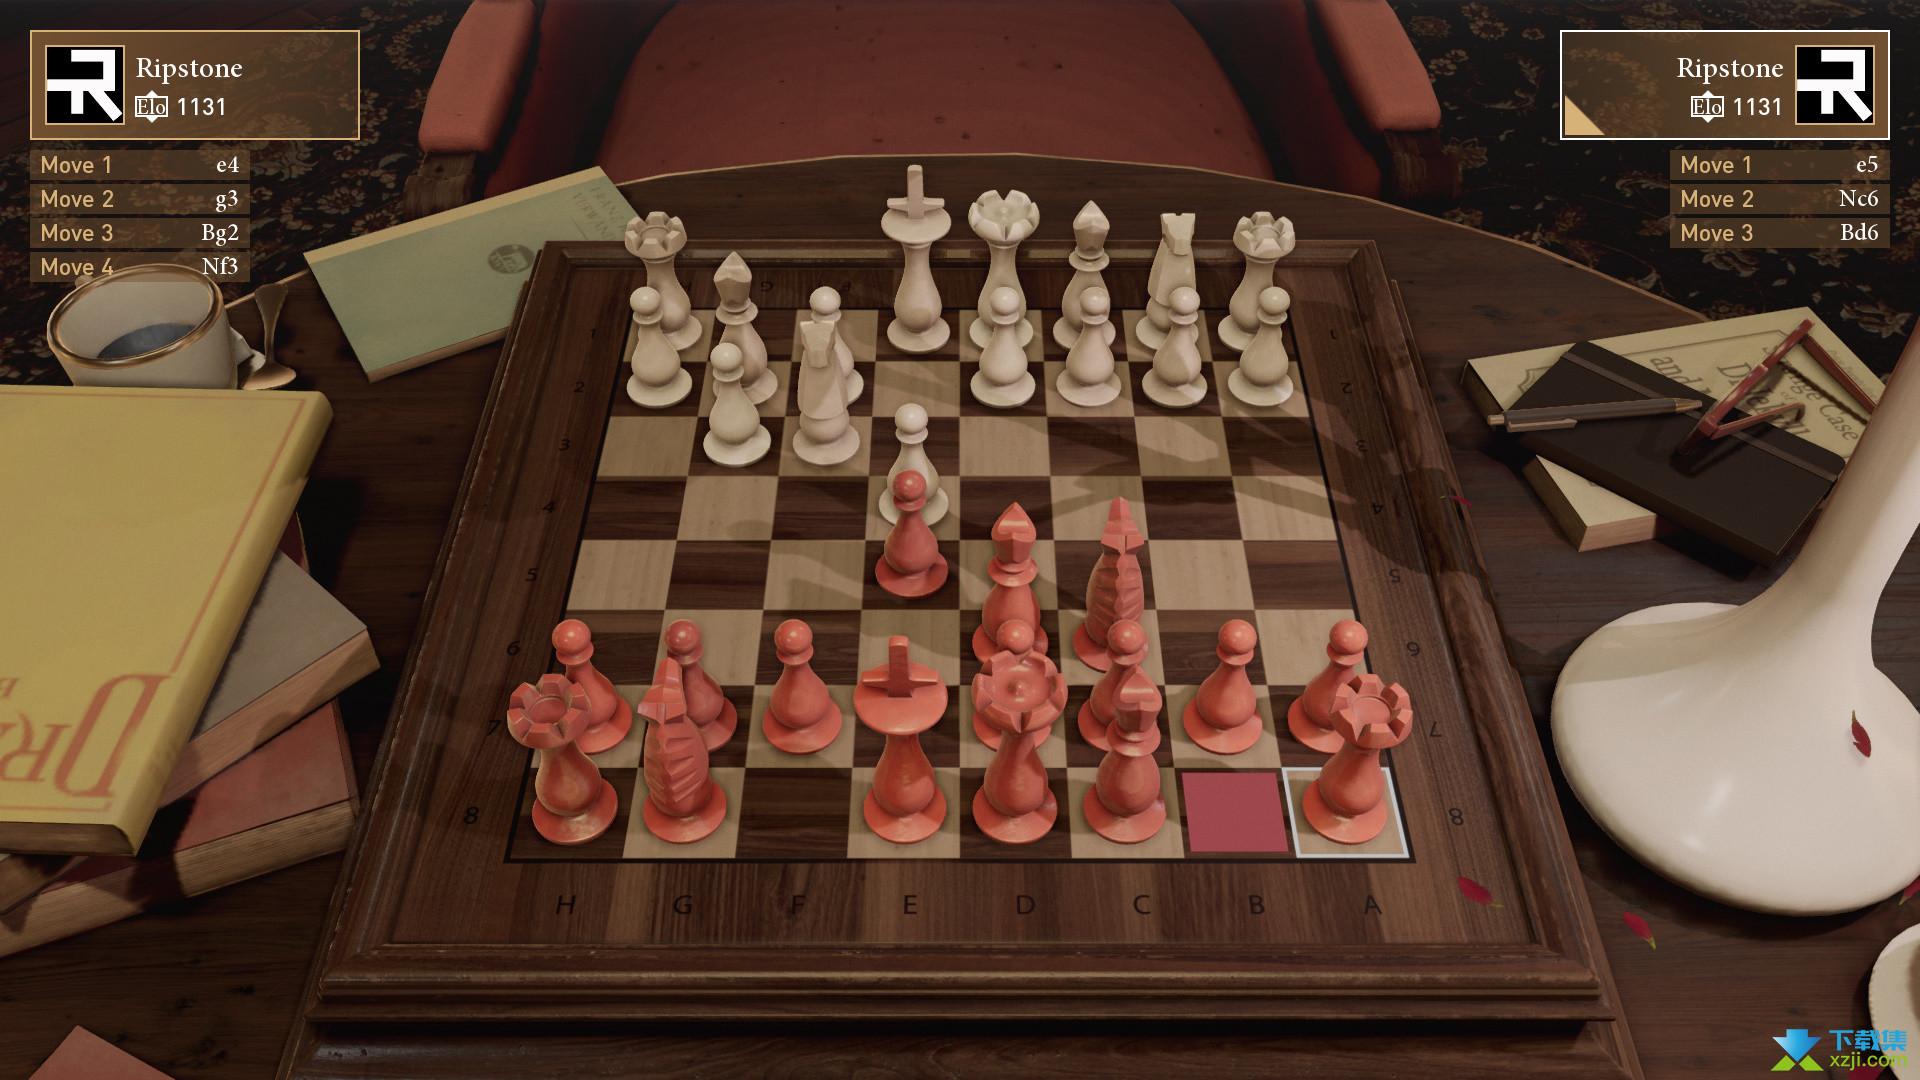 终极国际象棋界面4